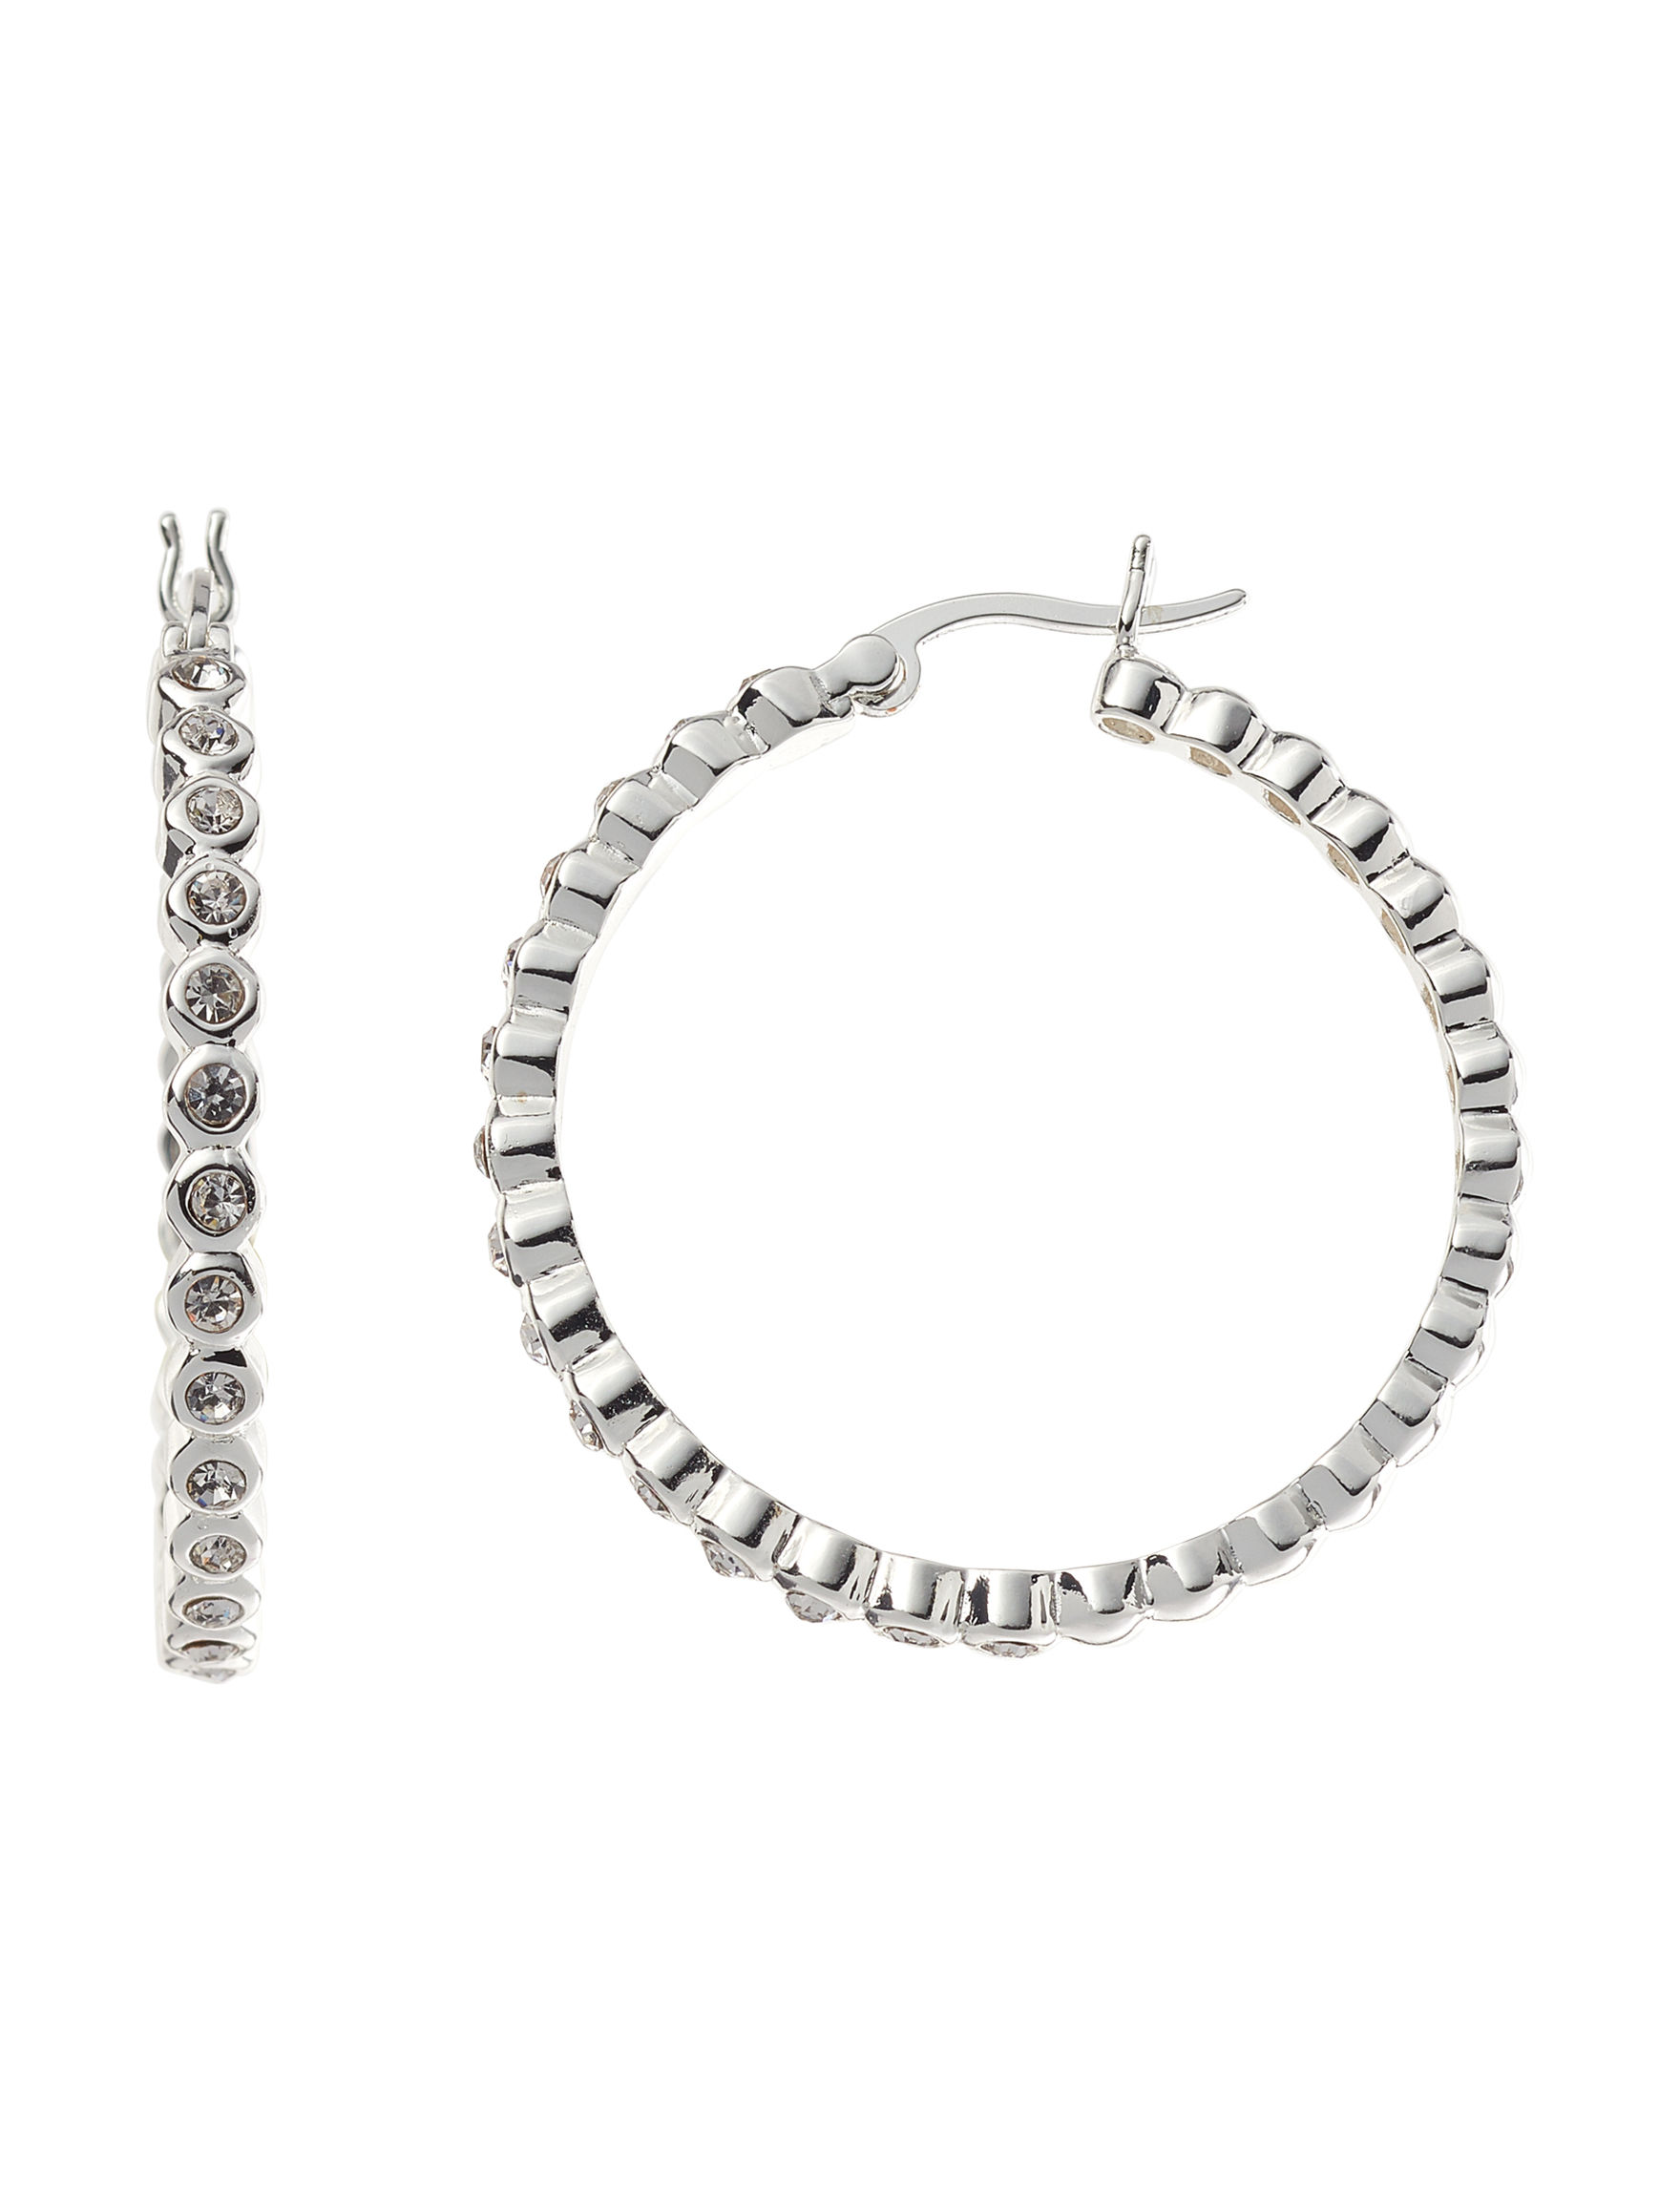 Marsala Fine Silver Plated Hoops Earrings Fine Jewelry